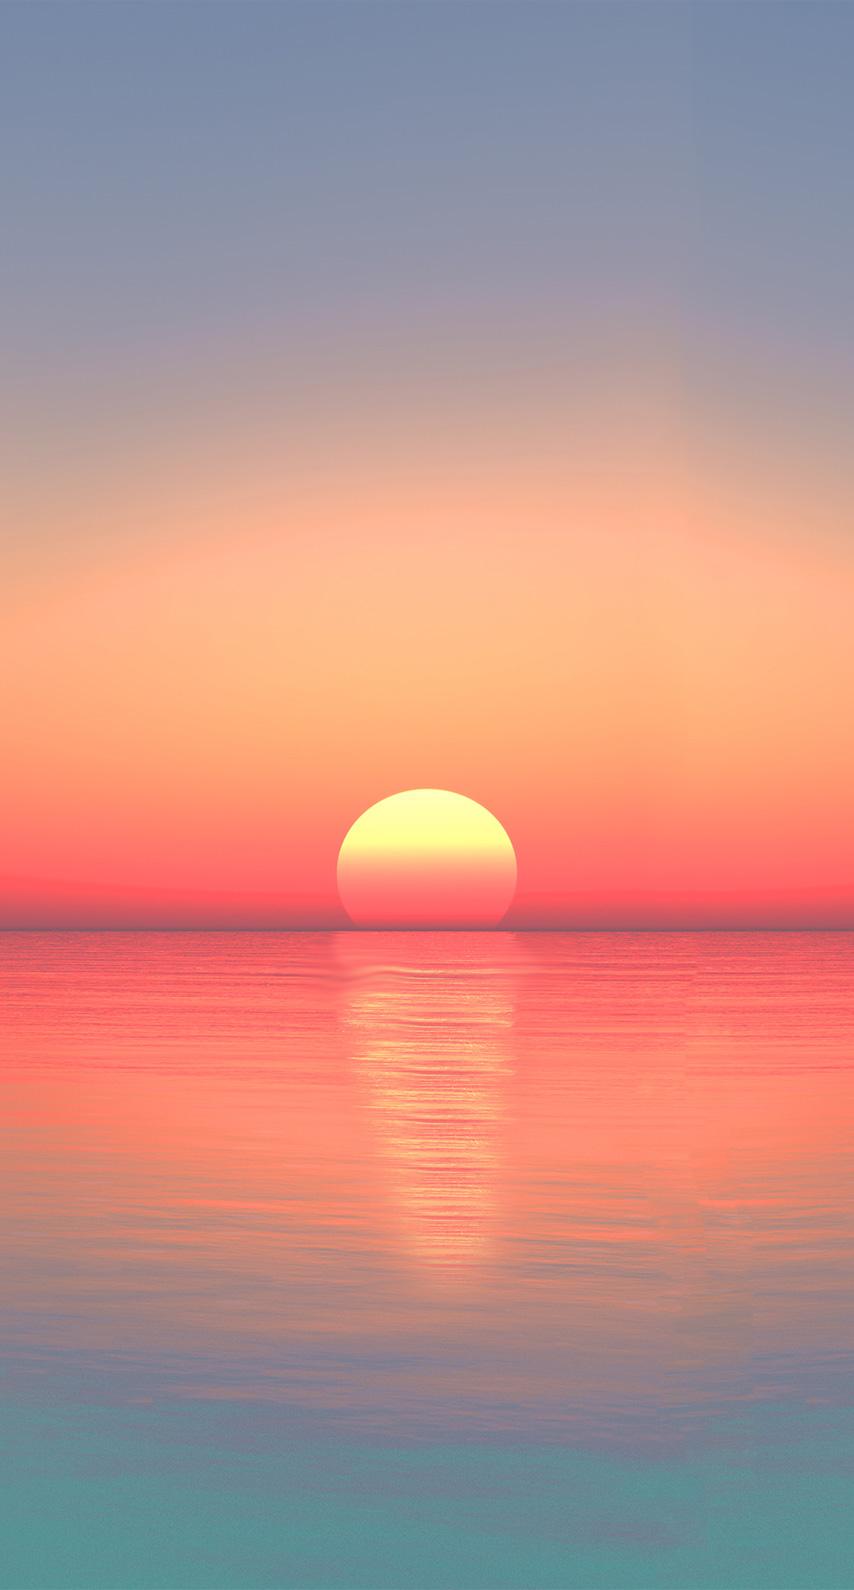 sun, no person